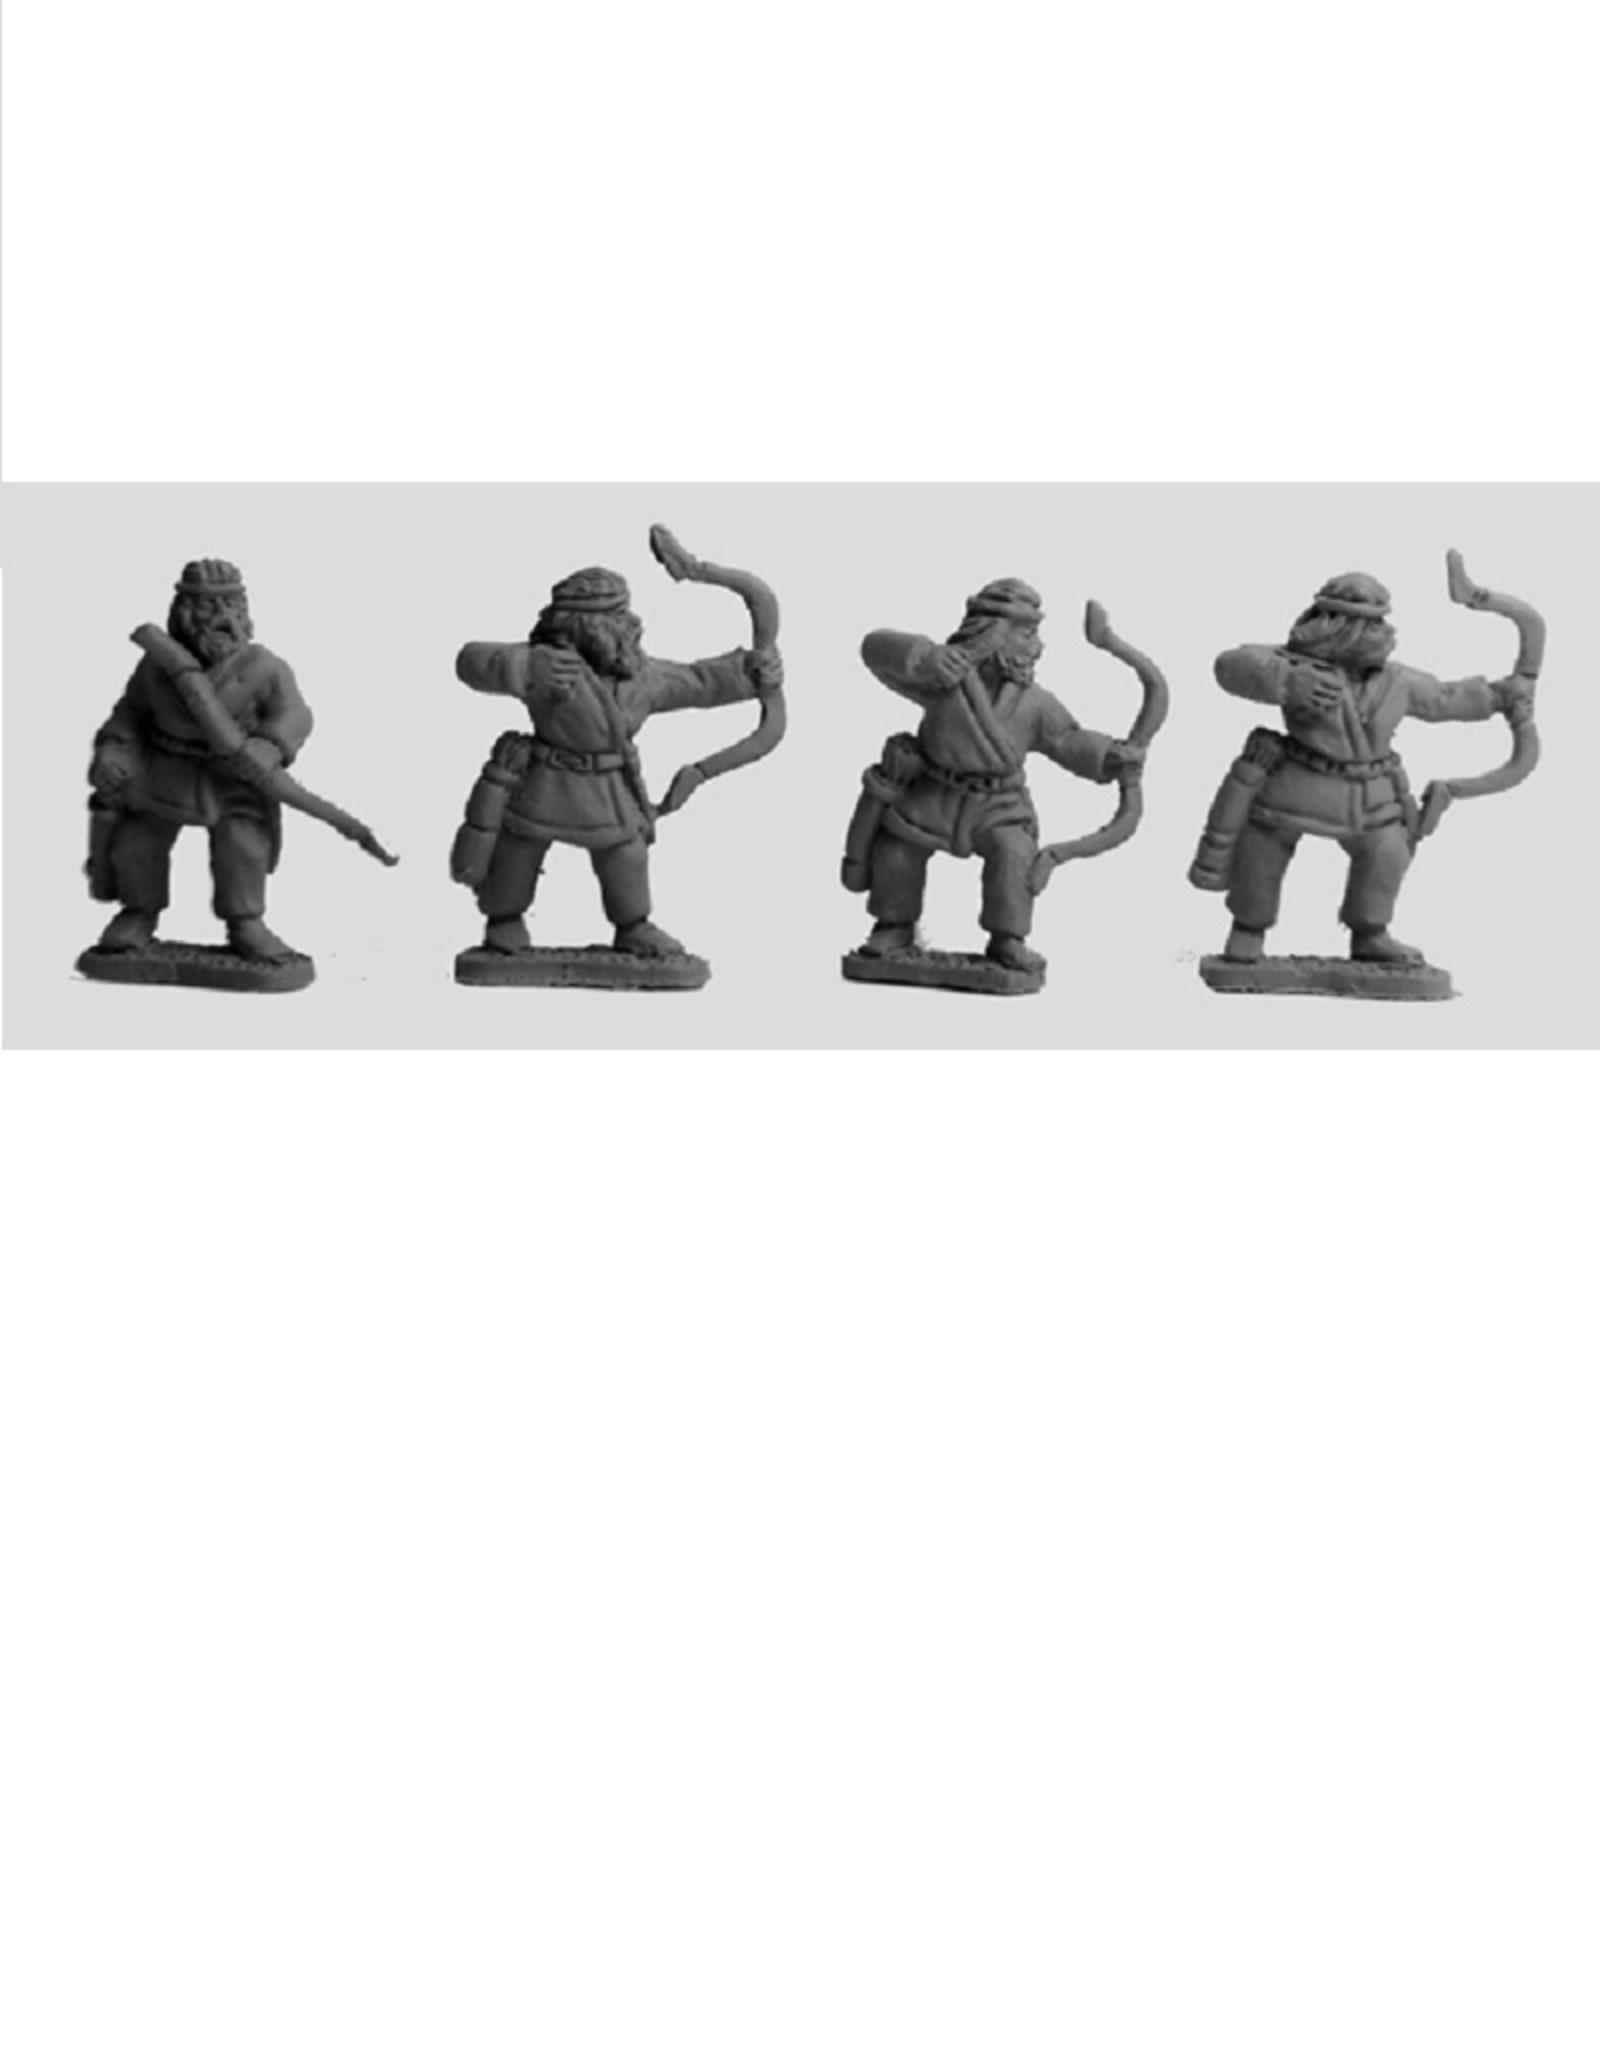 Xyston ANC20280 - Parthian Dismounted Archers